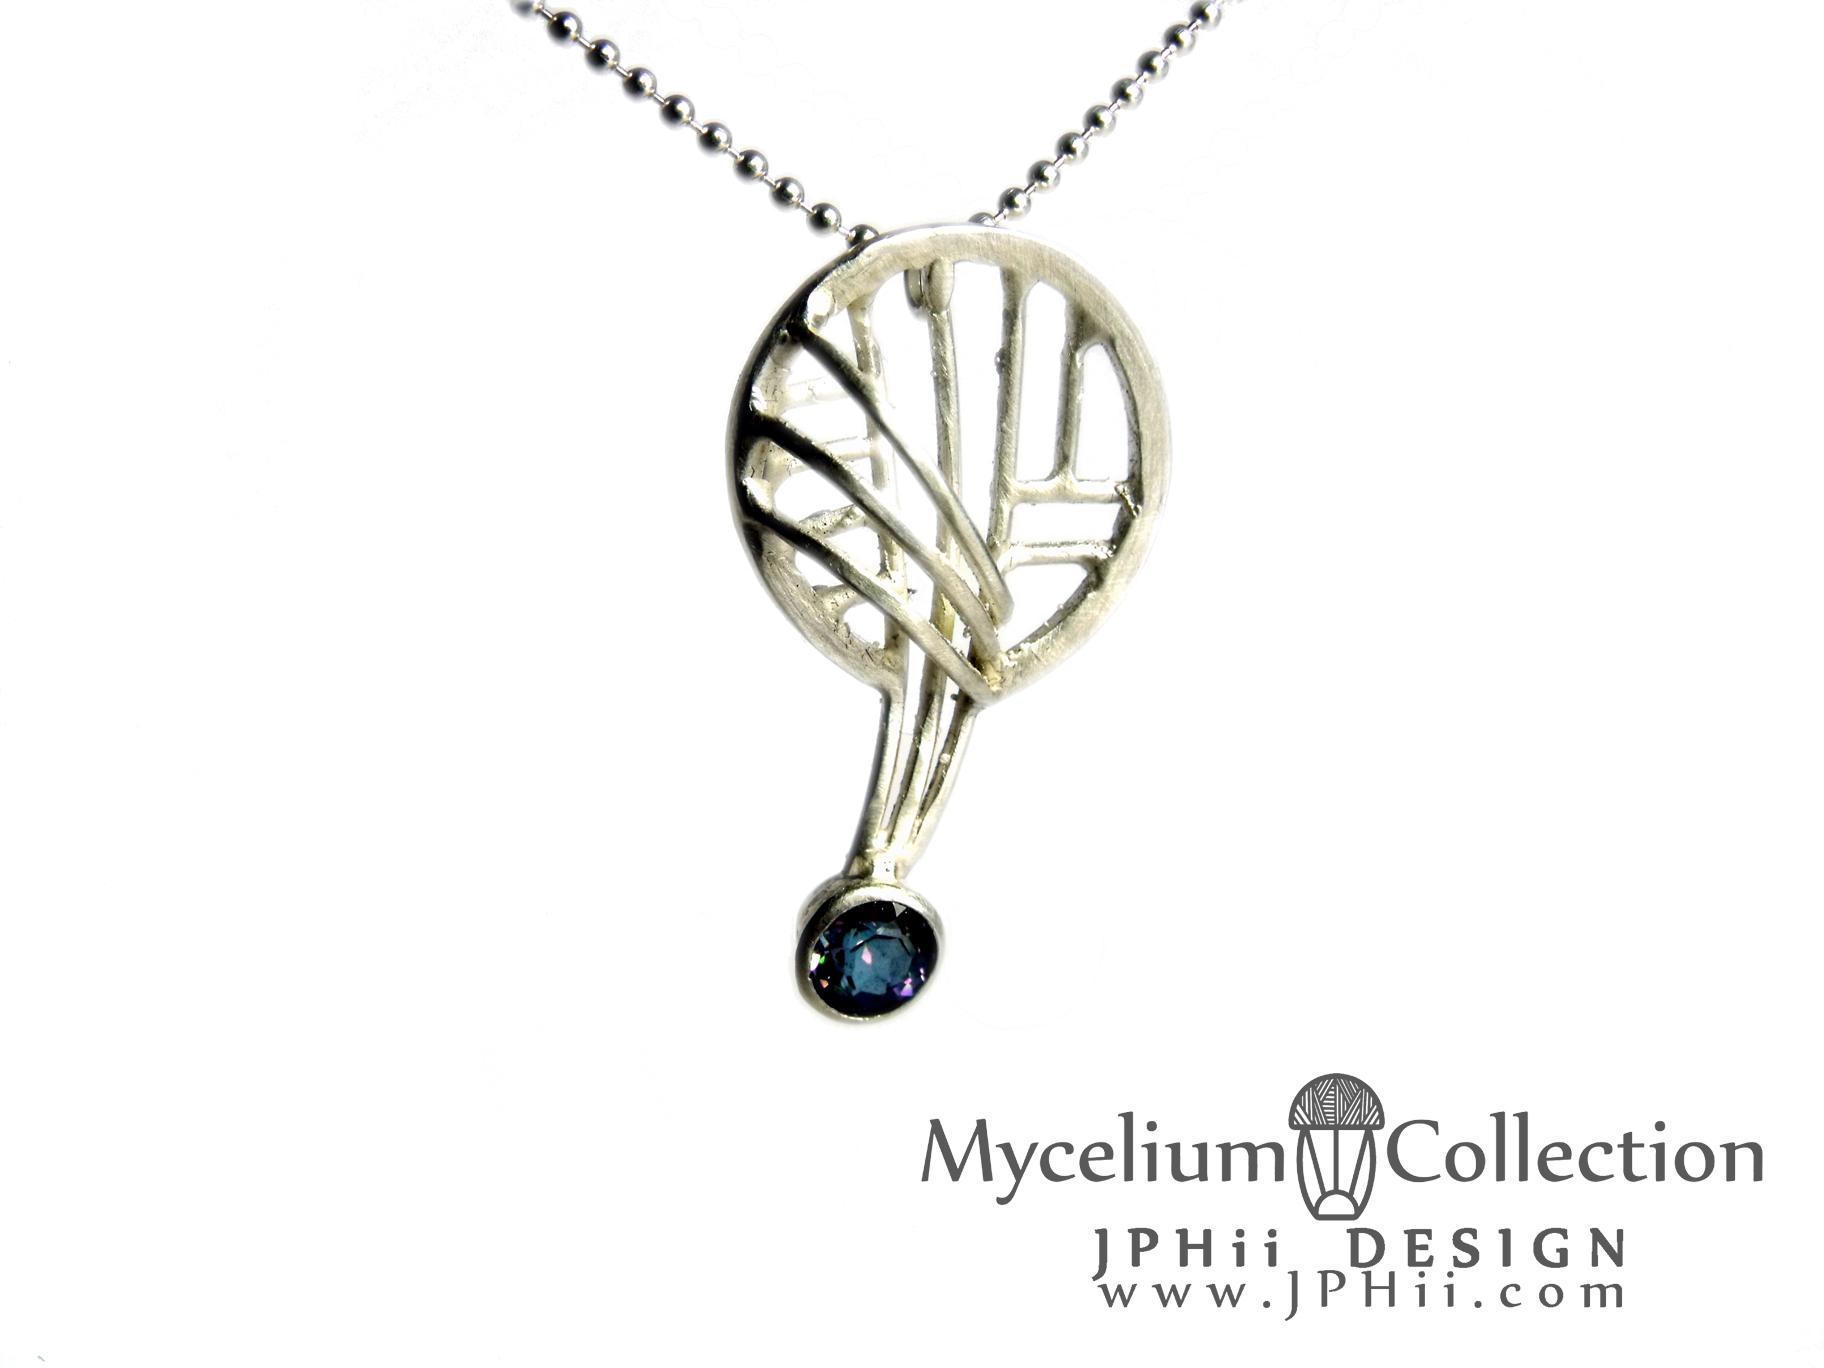 Mycelium Rainbow Necklace